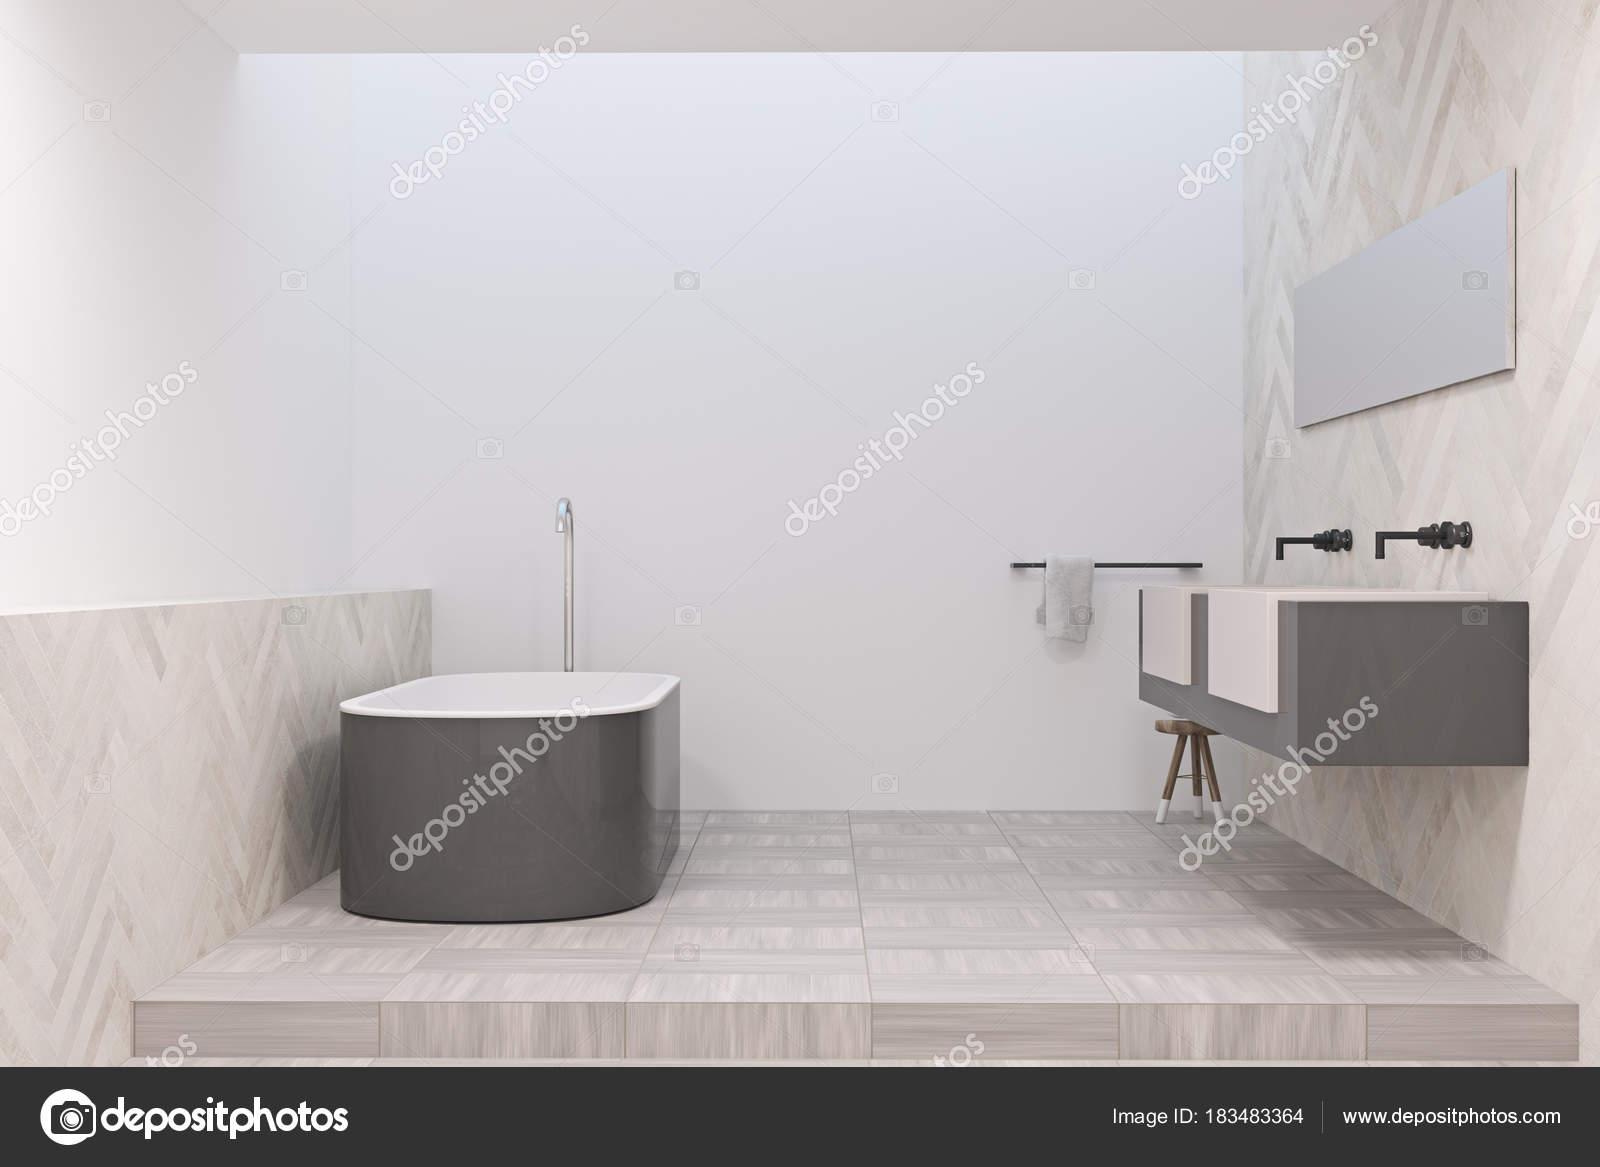 Banos Modernos Con Banera.Fotos Baneras Bano Moderno Con Banera Gris Foto De